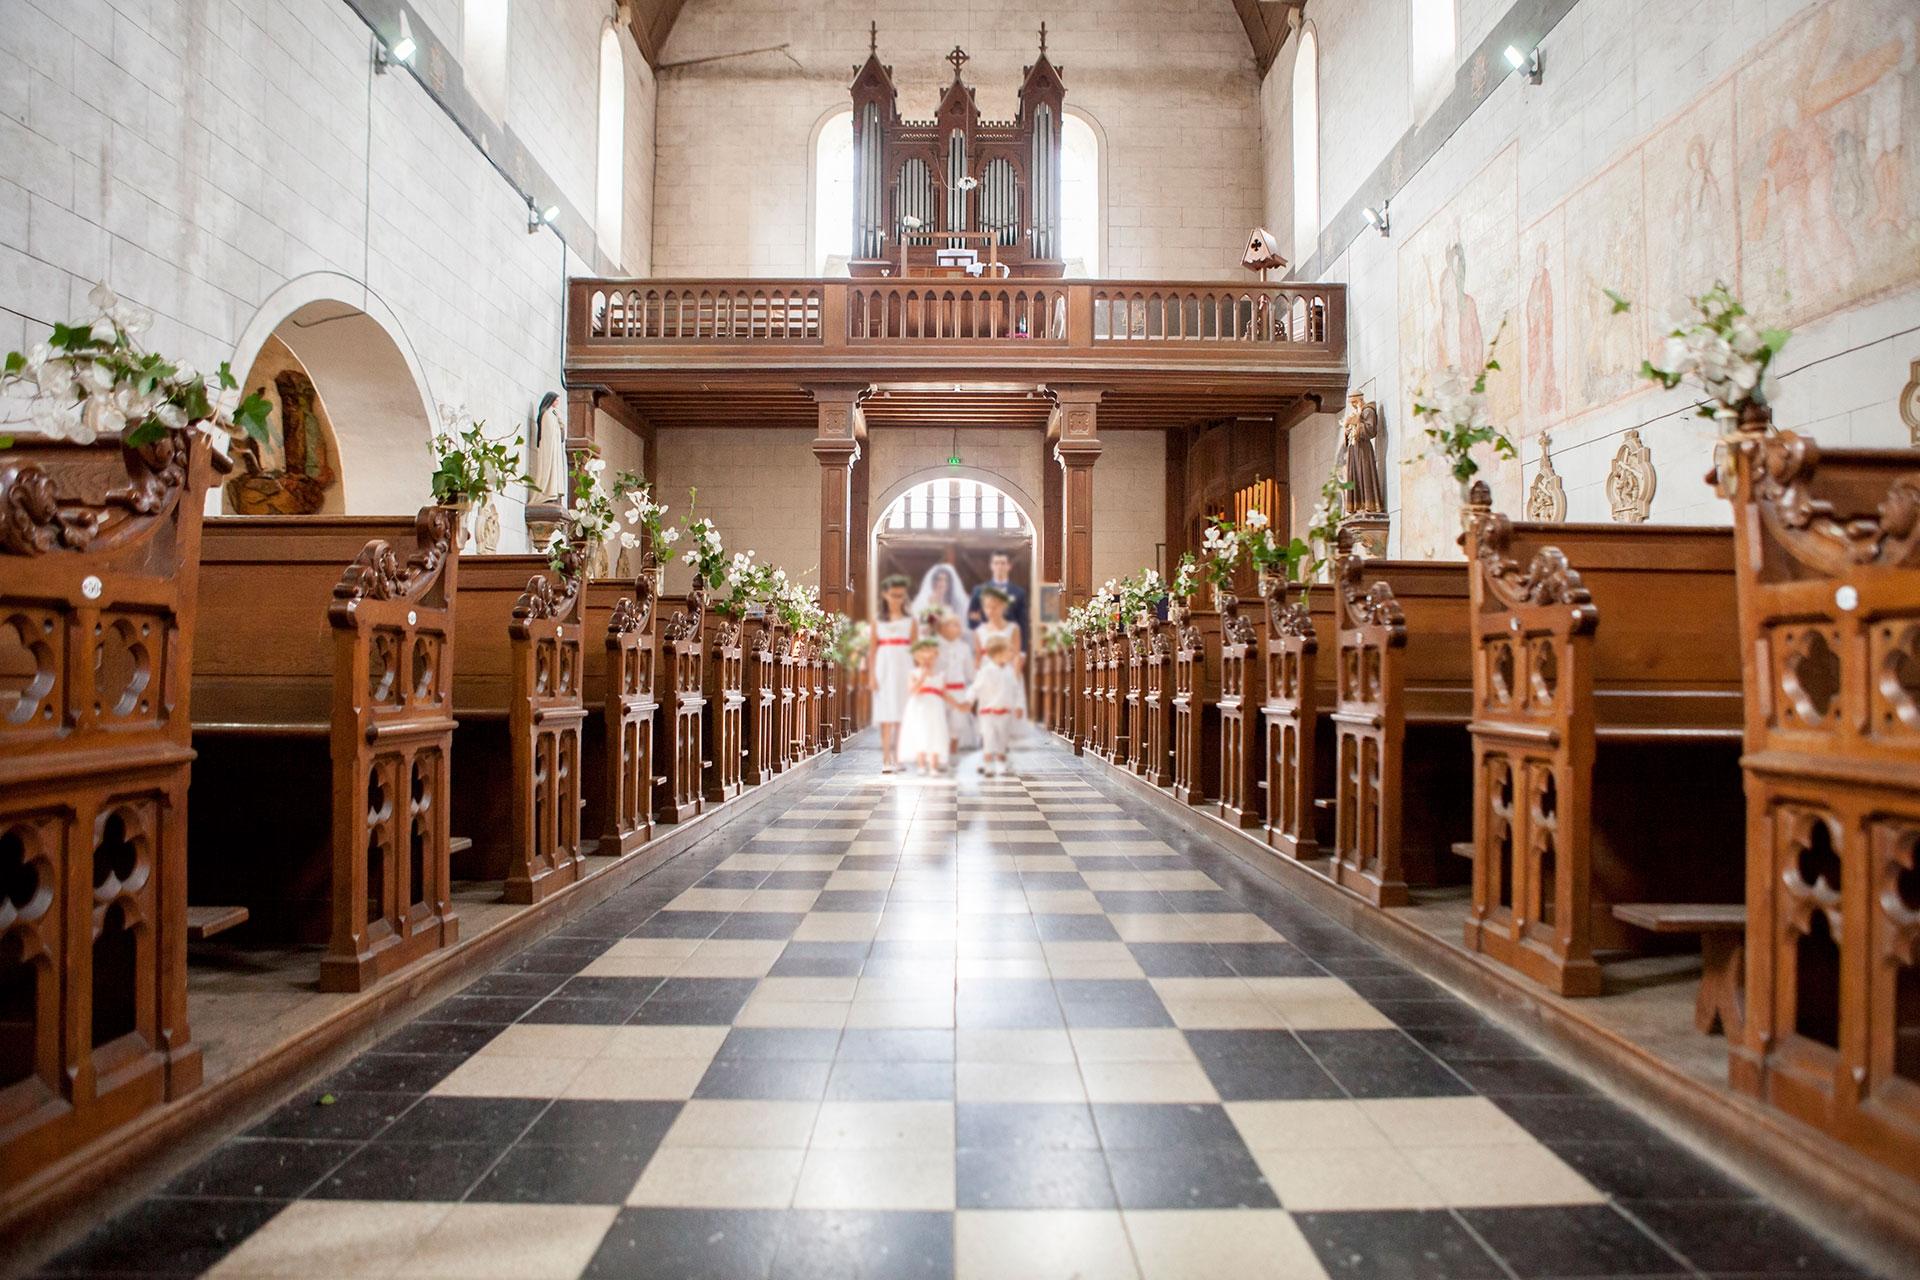 particuliers-evenements-mariages-oui-agnes&louis-30